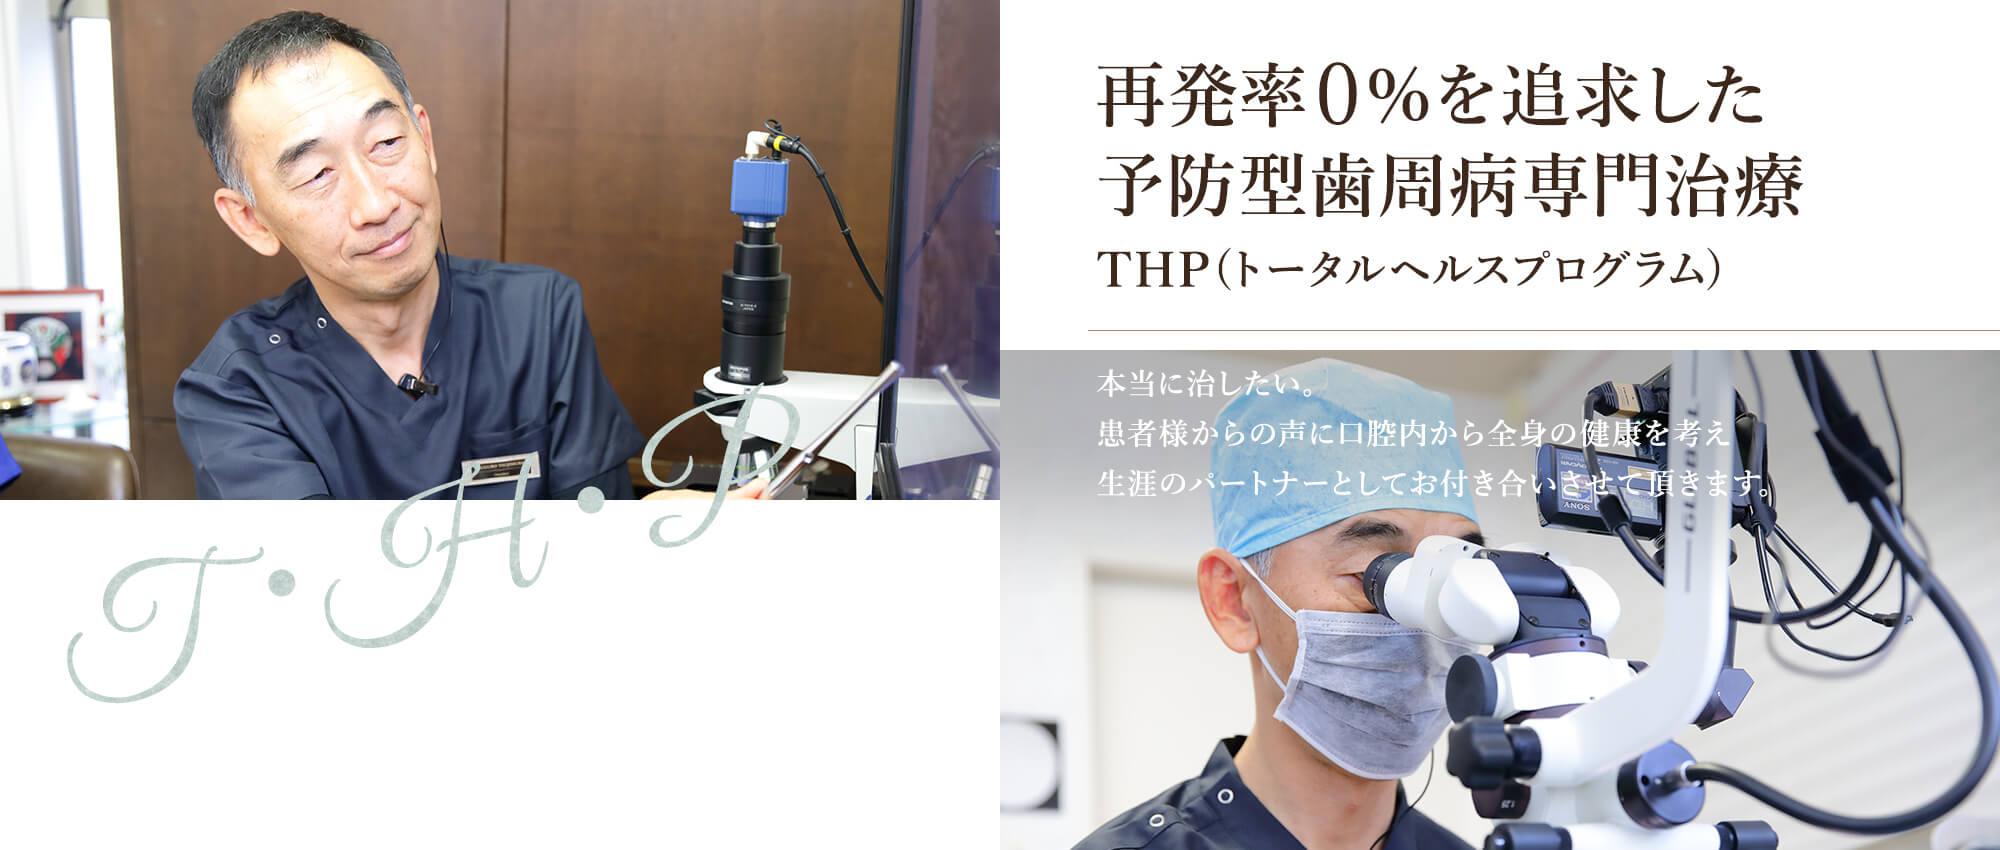 正しい予防治療で人生100年時代をサポートするためのトータルヘルスプログラムを提供